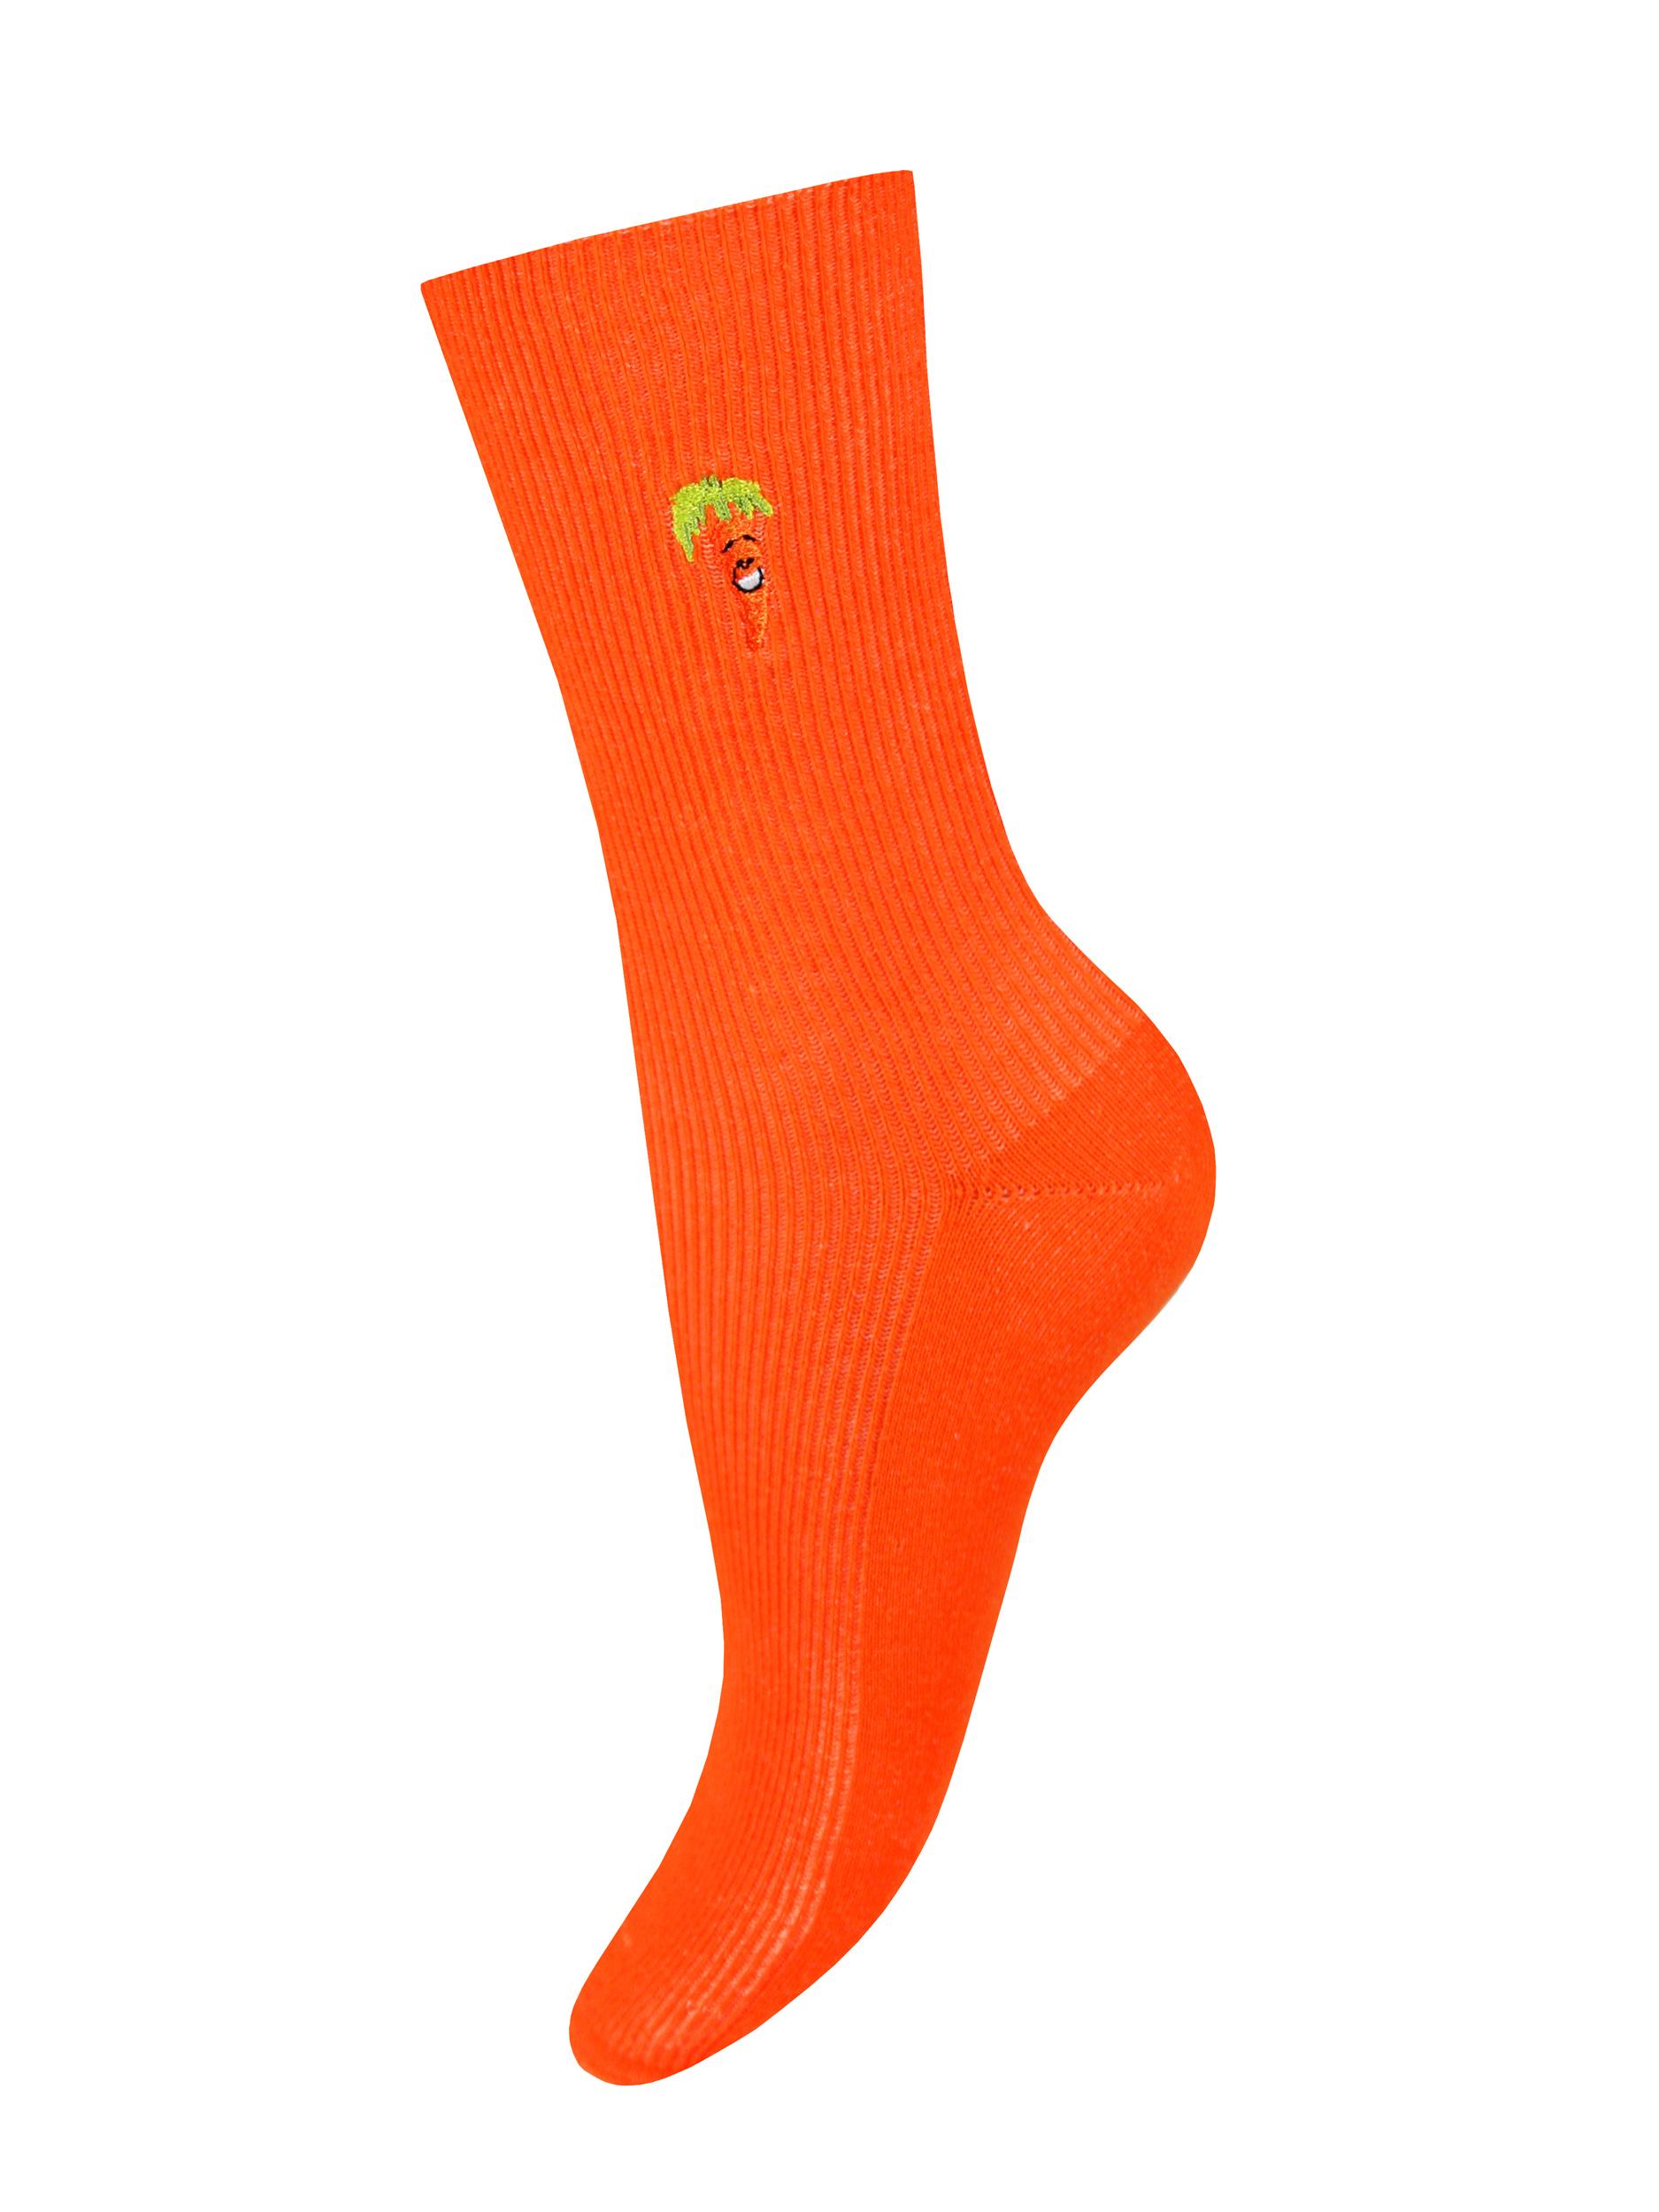 Носки женские Mademoiselle SC-1892-8 оранжевые Unica